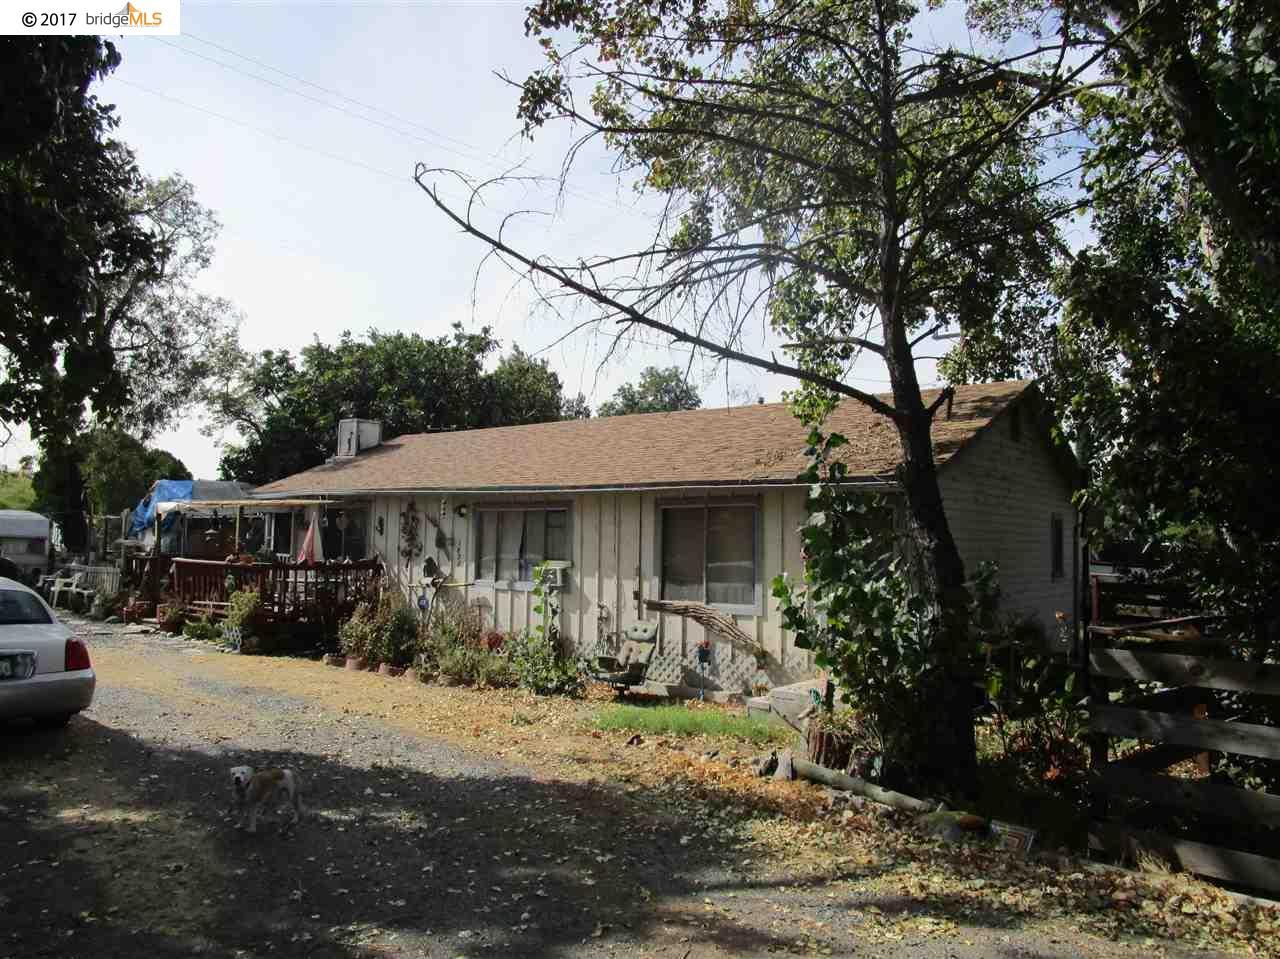 Частный односемейный дом для того Продажа на 1892 Taylor Road 1892 Taylor Road Bethel Island, Калифорния 94511 Соединенные Штаты